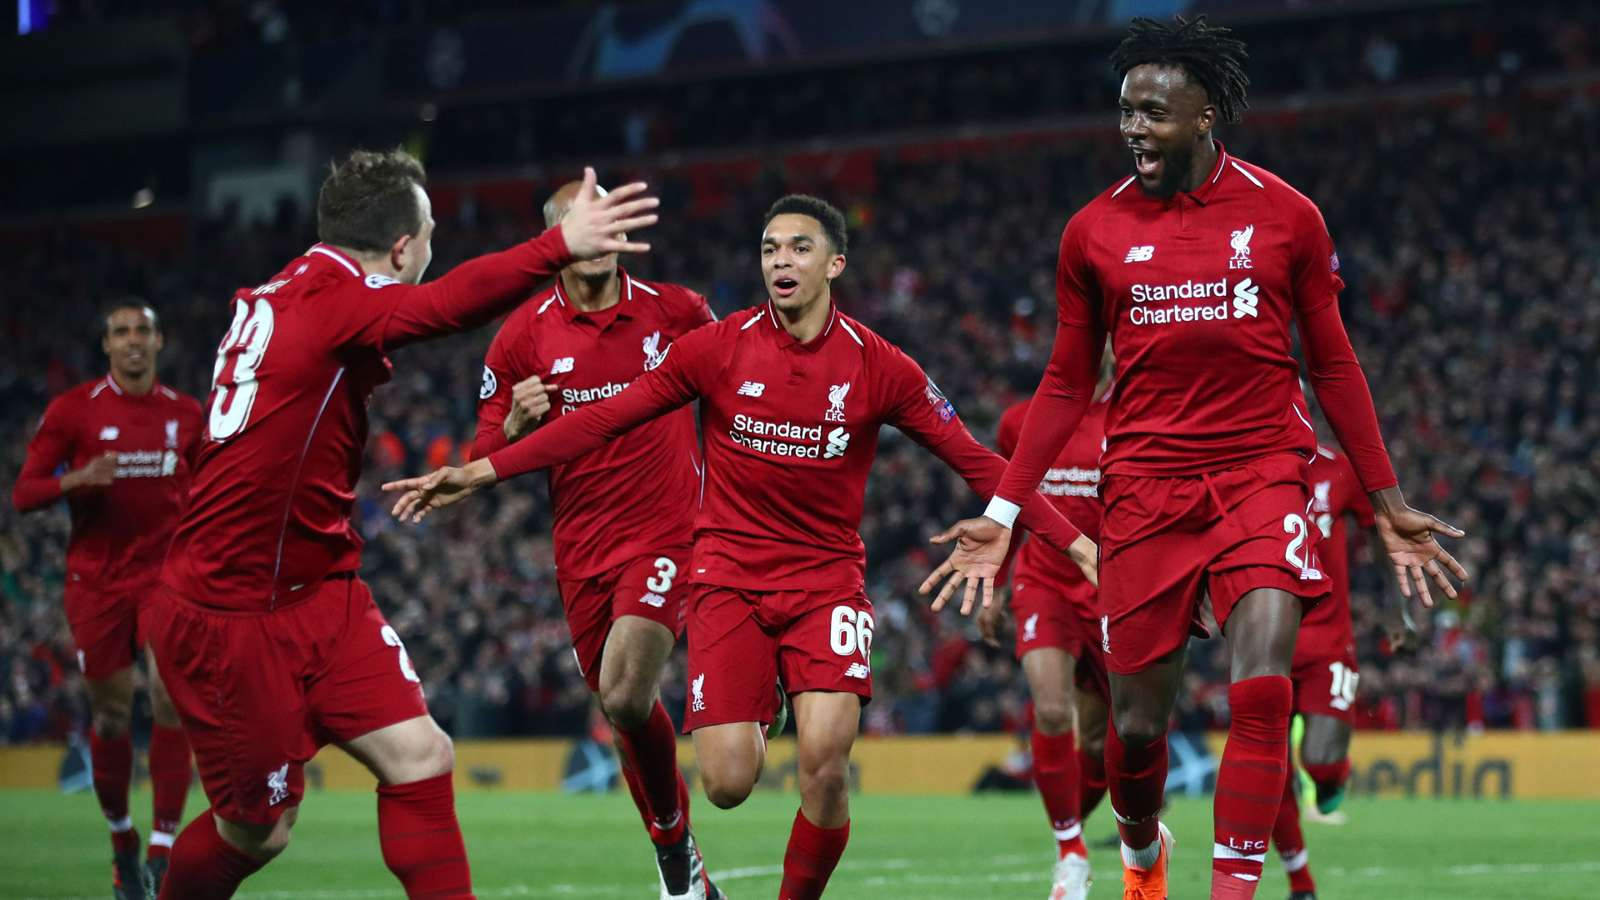 Liverpool 4-0 Barcelone, les Reds renversent le Barça au terme d'un match d'anthologie